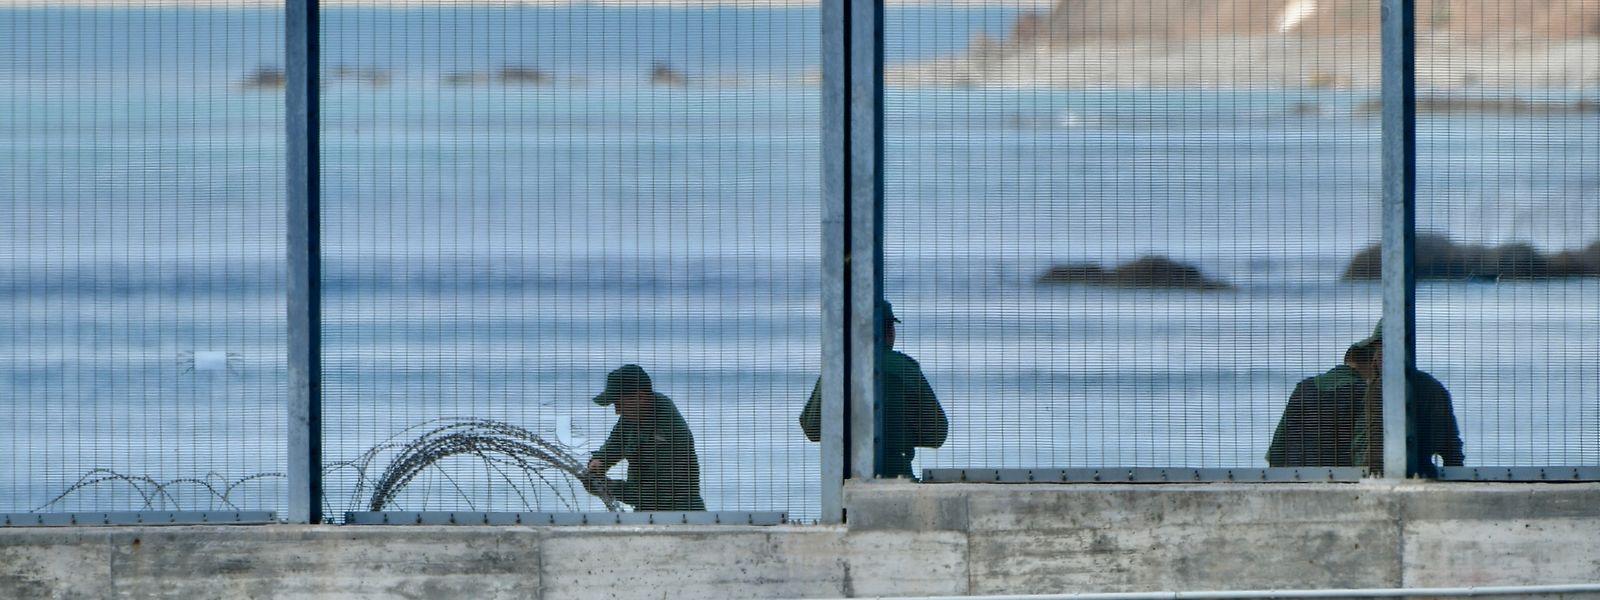 Nach dem Ansturm von Tausenden Migranten auf die spanische Exklave Ceuta rüsten die Sicherheitsbehörden dies- und jenseits der Grenze auf.